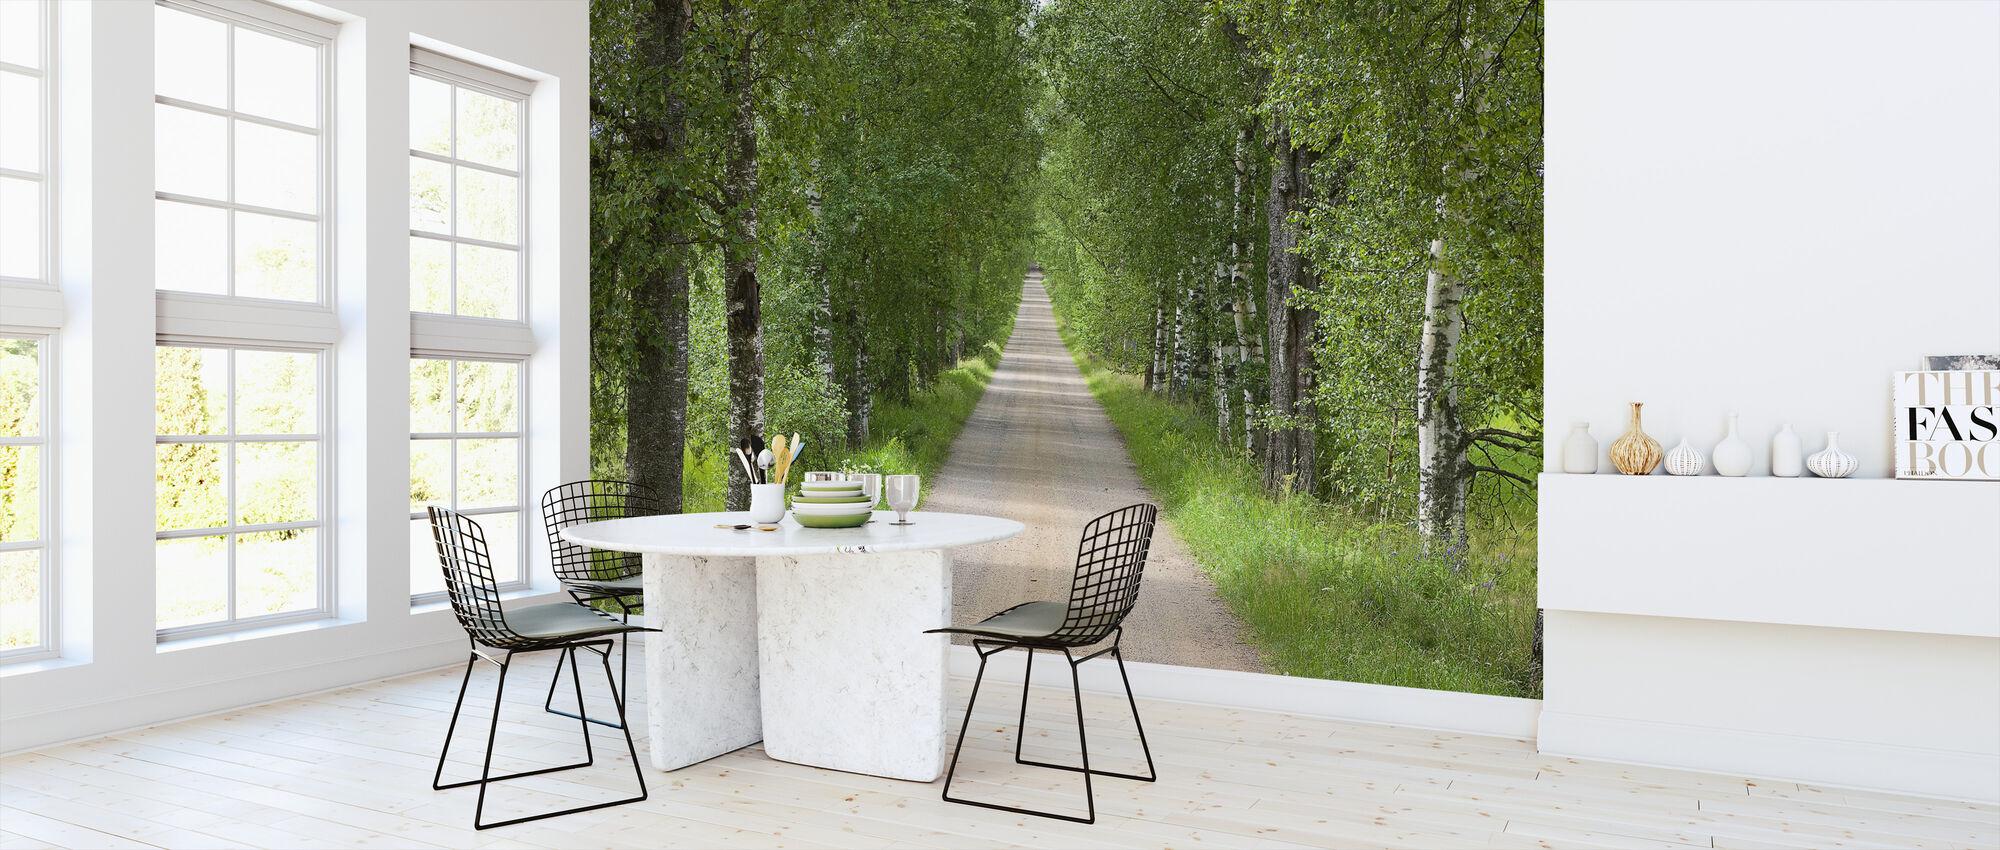 Birch Avenue in Summer - Wallpaper - Kitchen